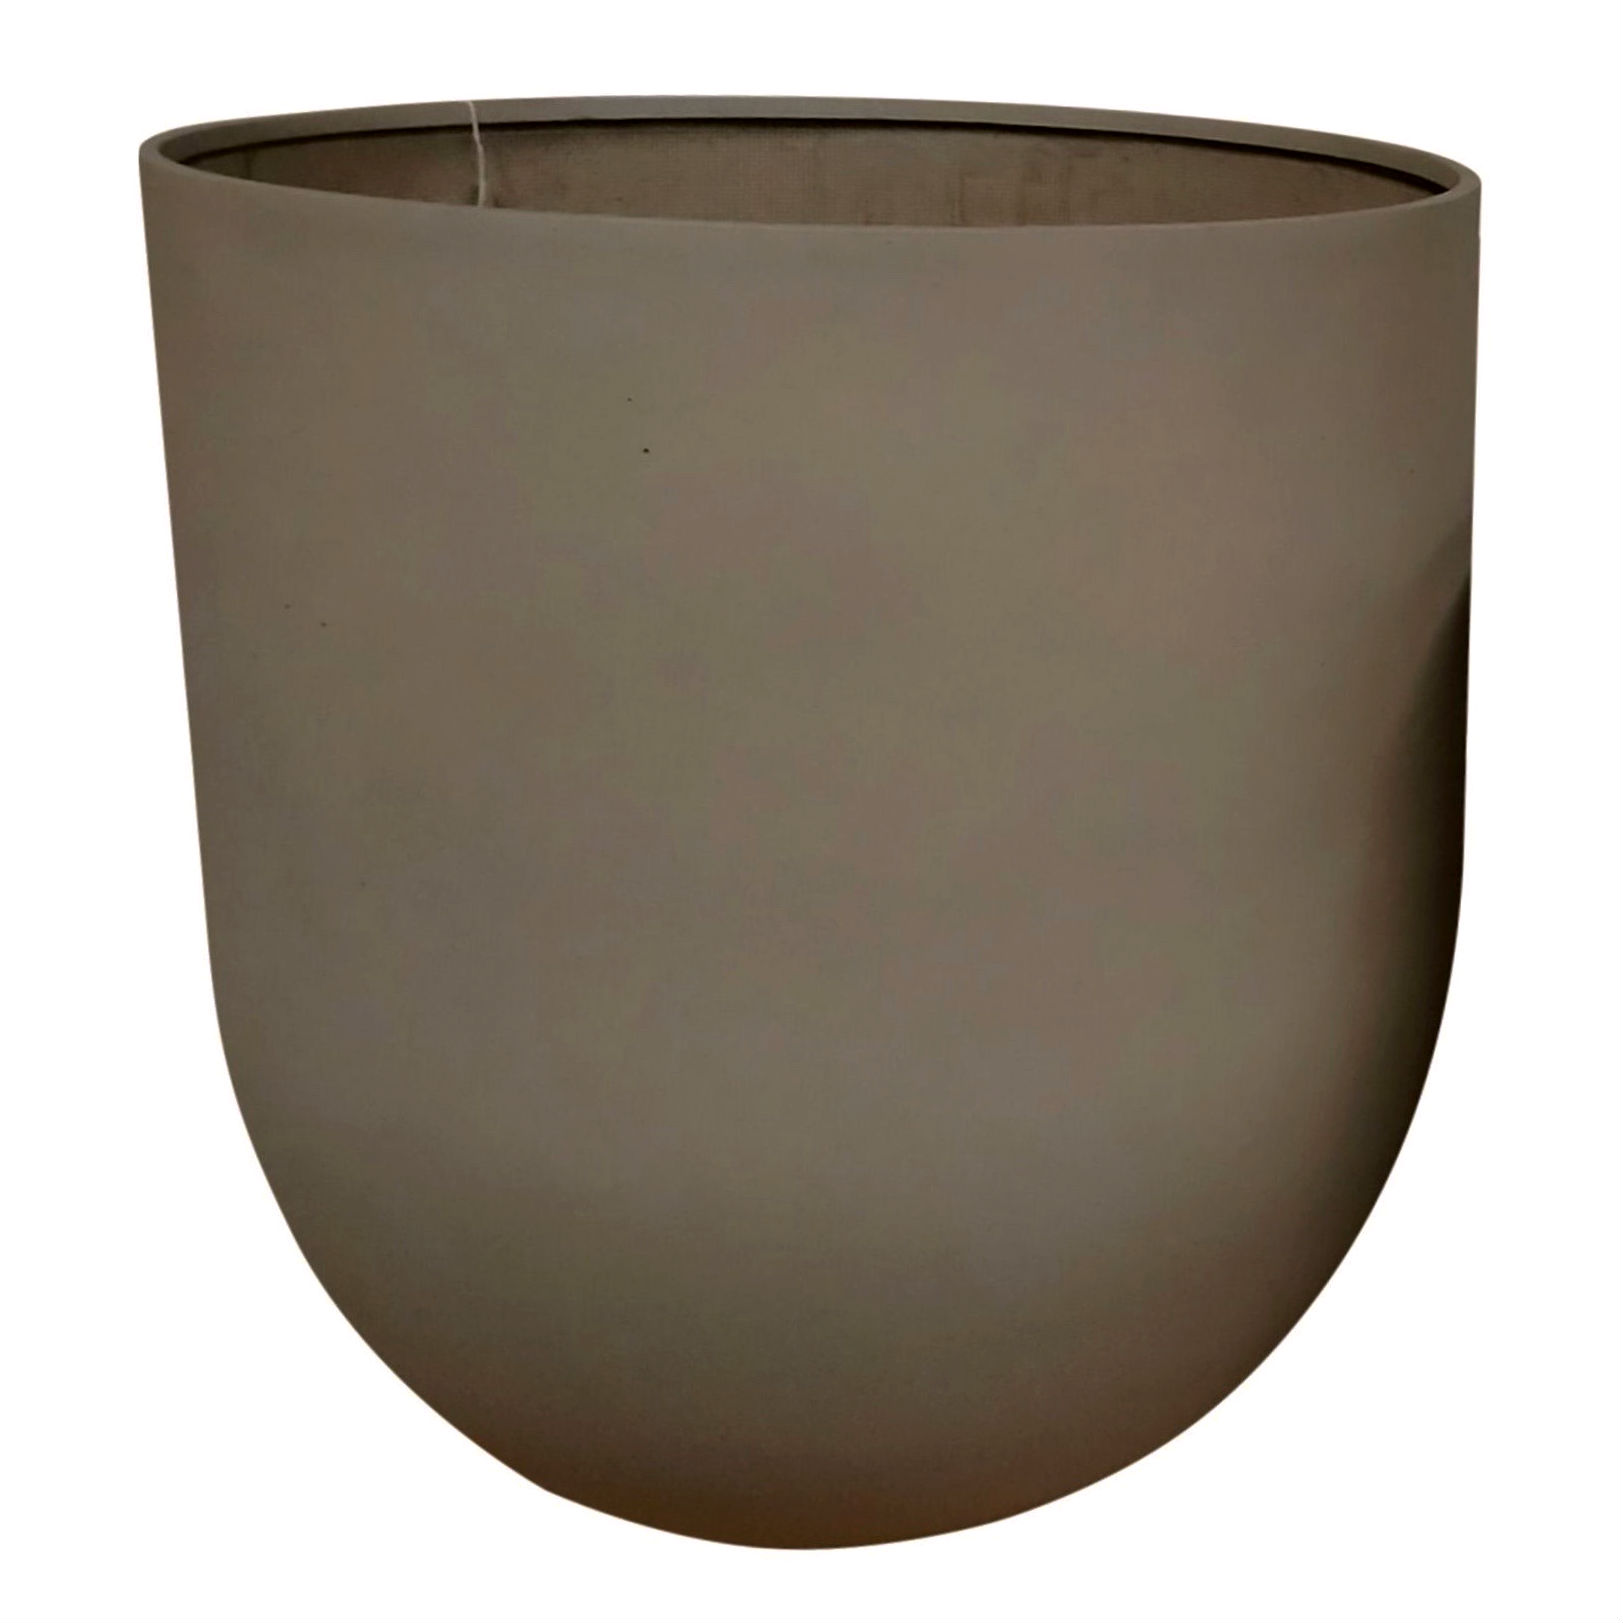 17101_potte_sandstonebrun_H125